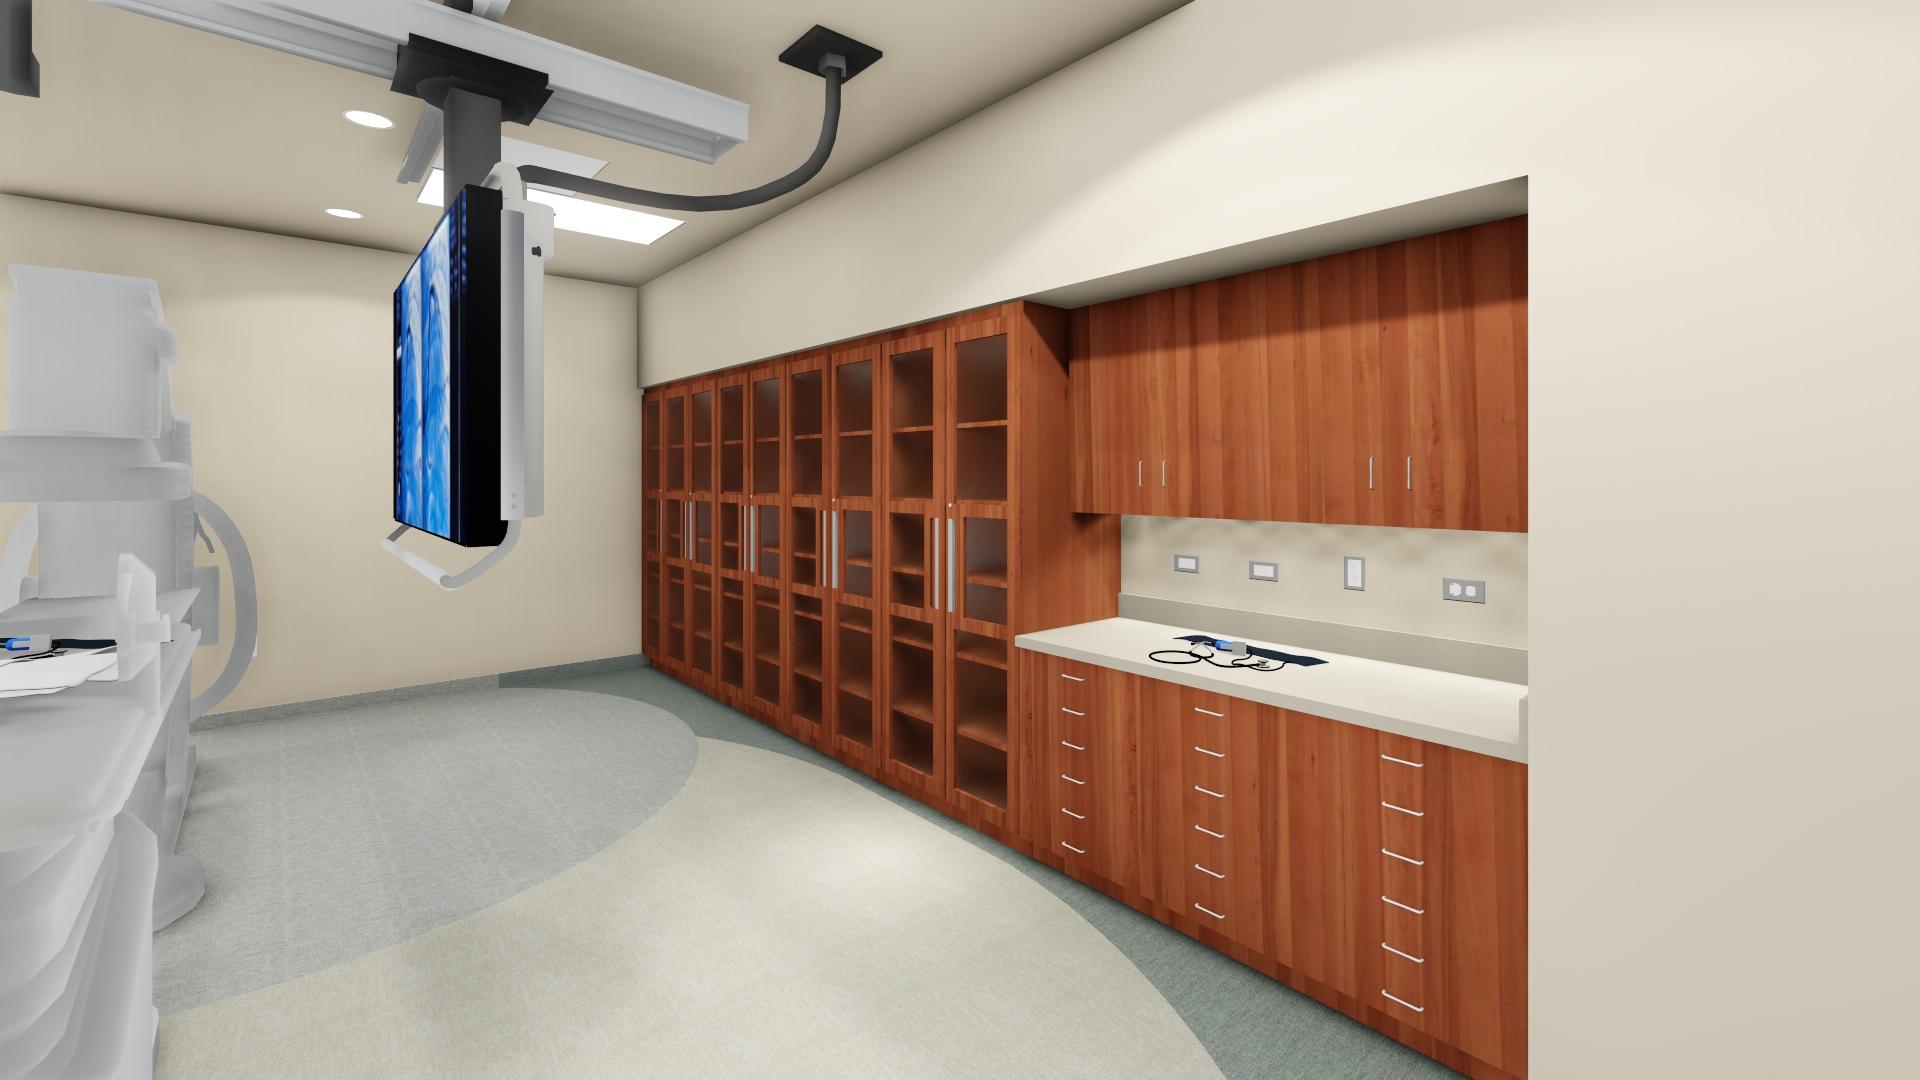 EJCH Cath Lab - Rendering 2 (Cath Lab).jpg